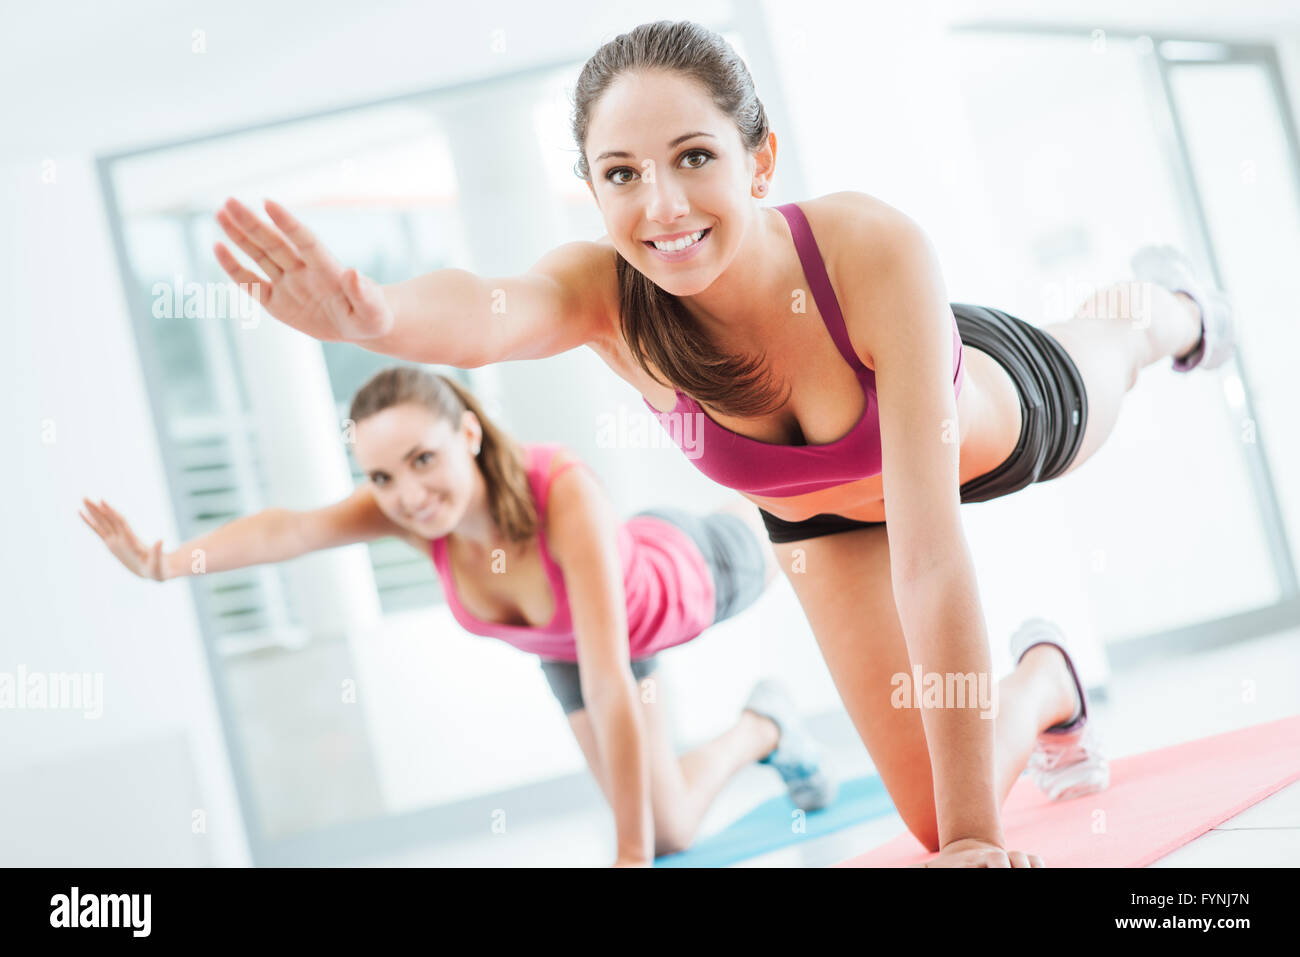 Las mujeres jóvenes deportistas en el gimnasio haciendo pilates sobre una estera, fitness y concepto de estilo Imagen De Stock